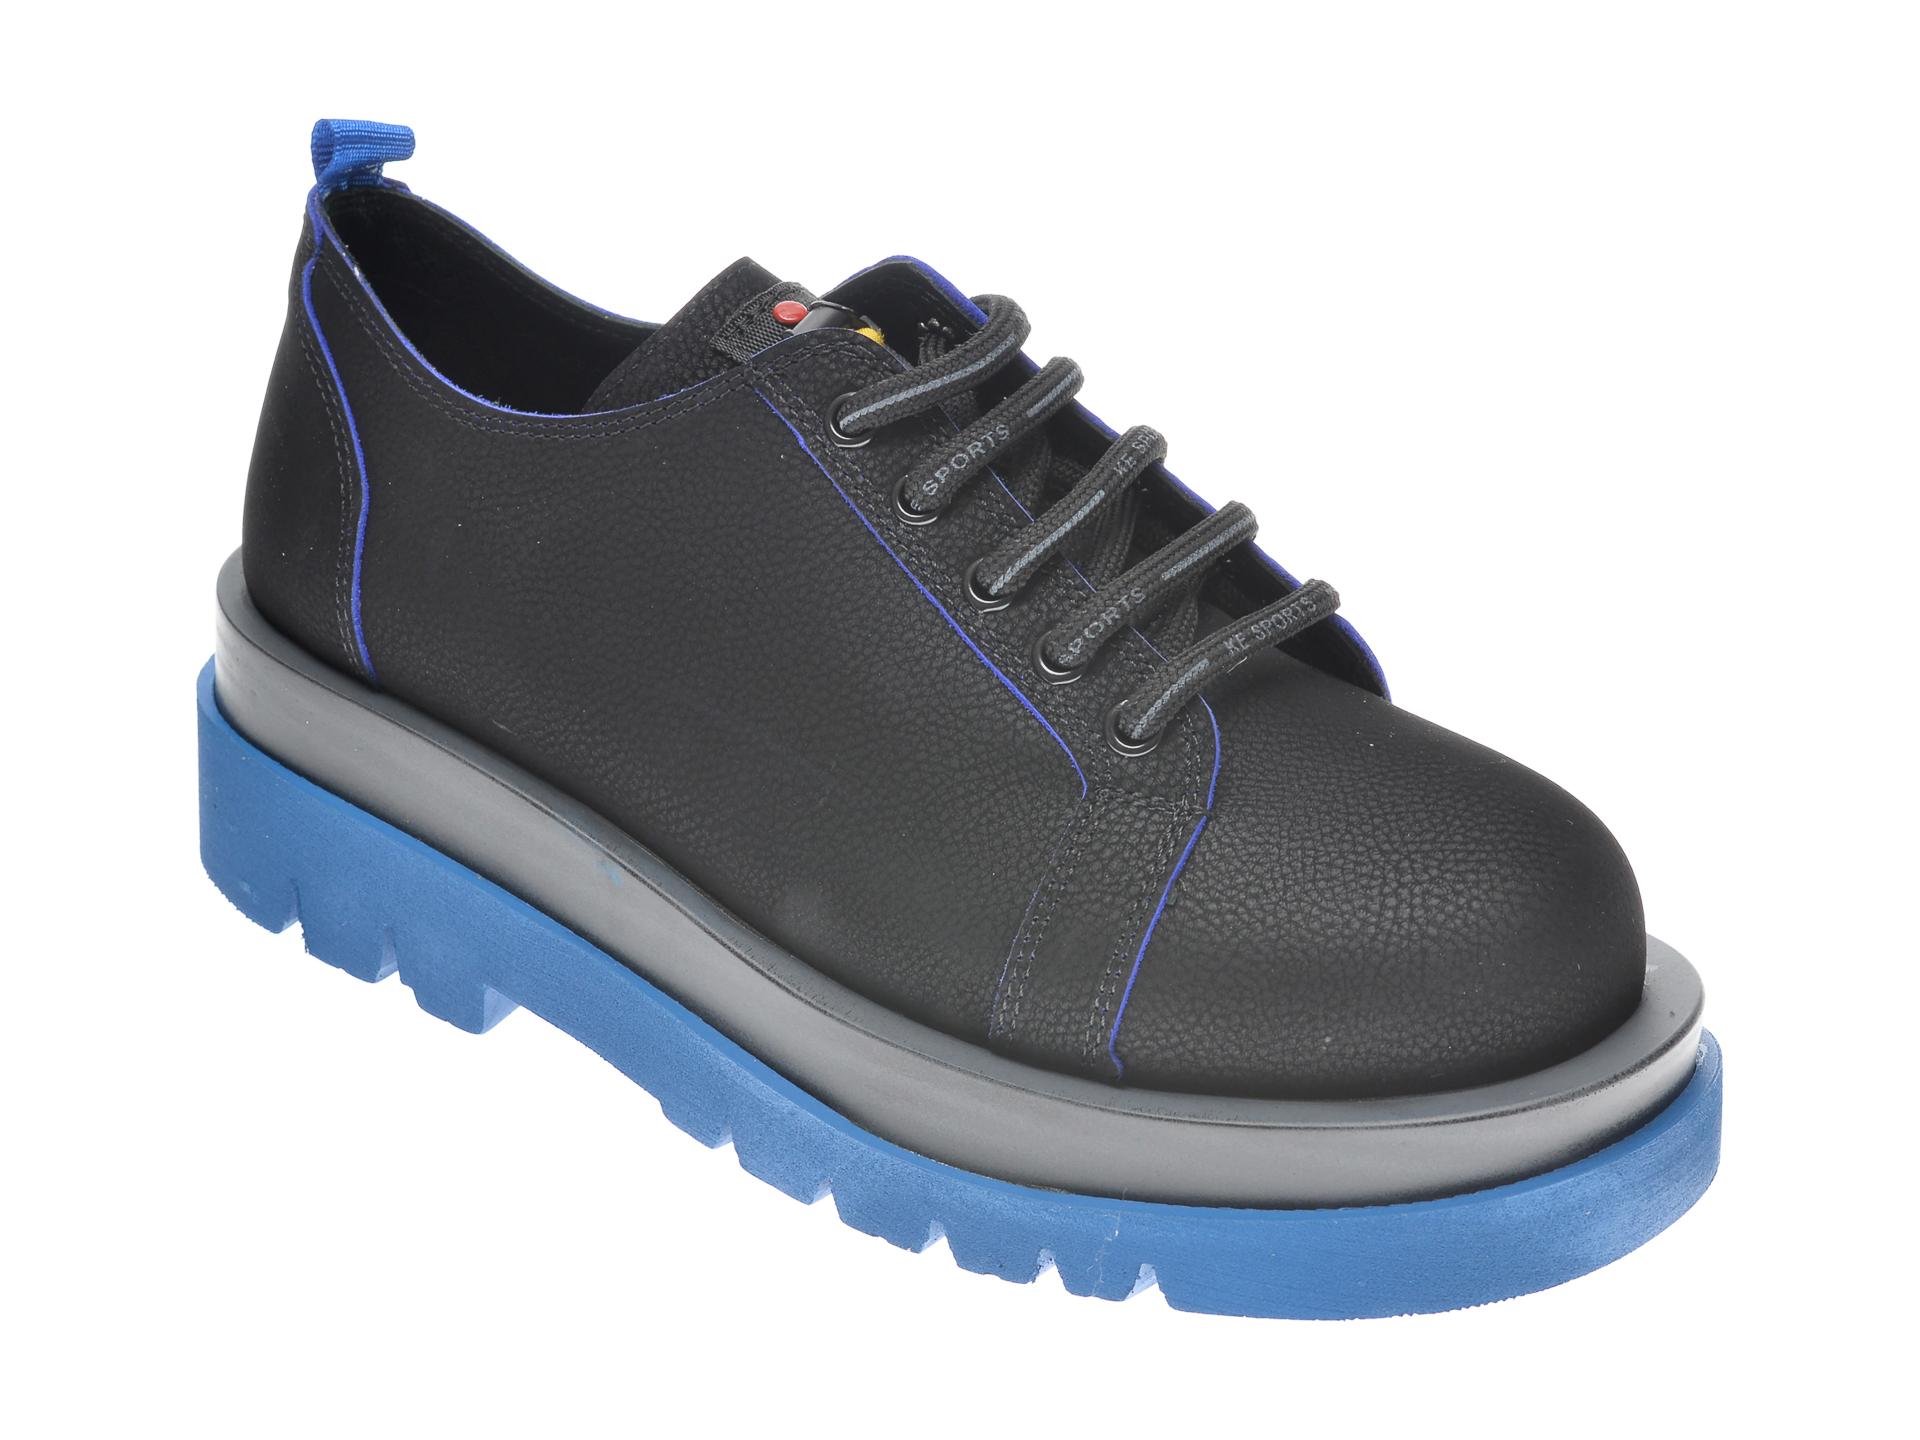 Pantofi Flavia Passini Negri, 542066, Din Nabuc